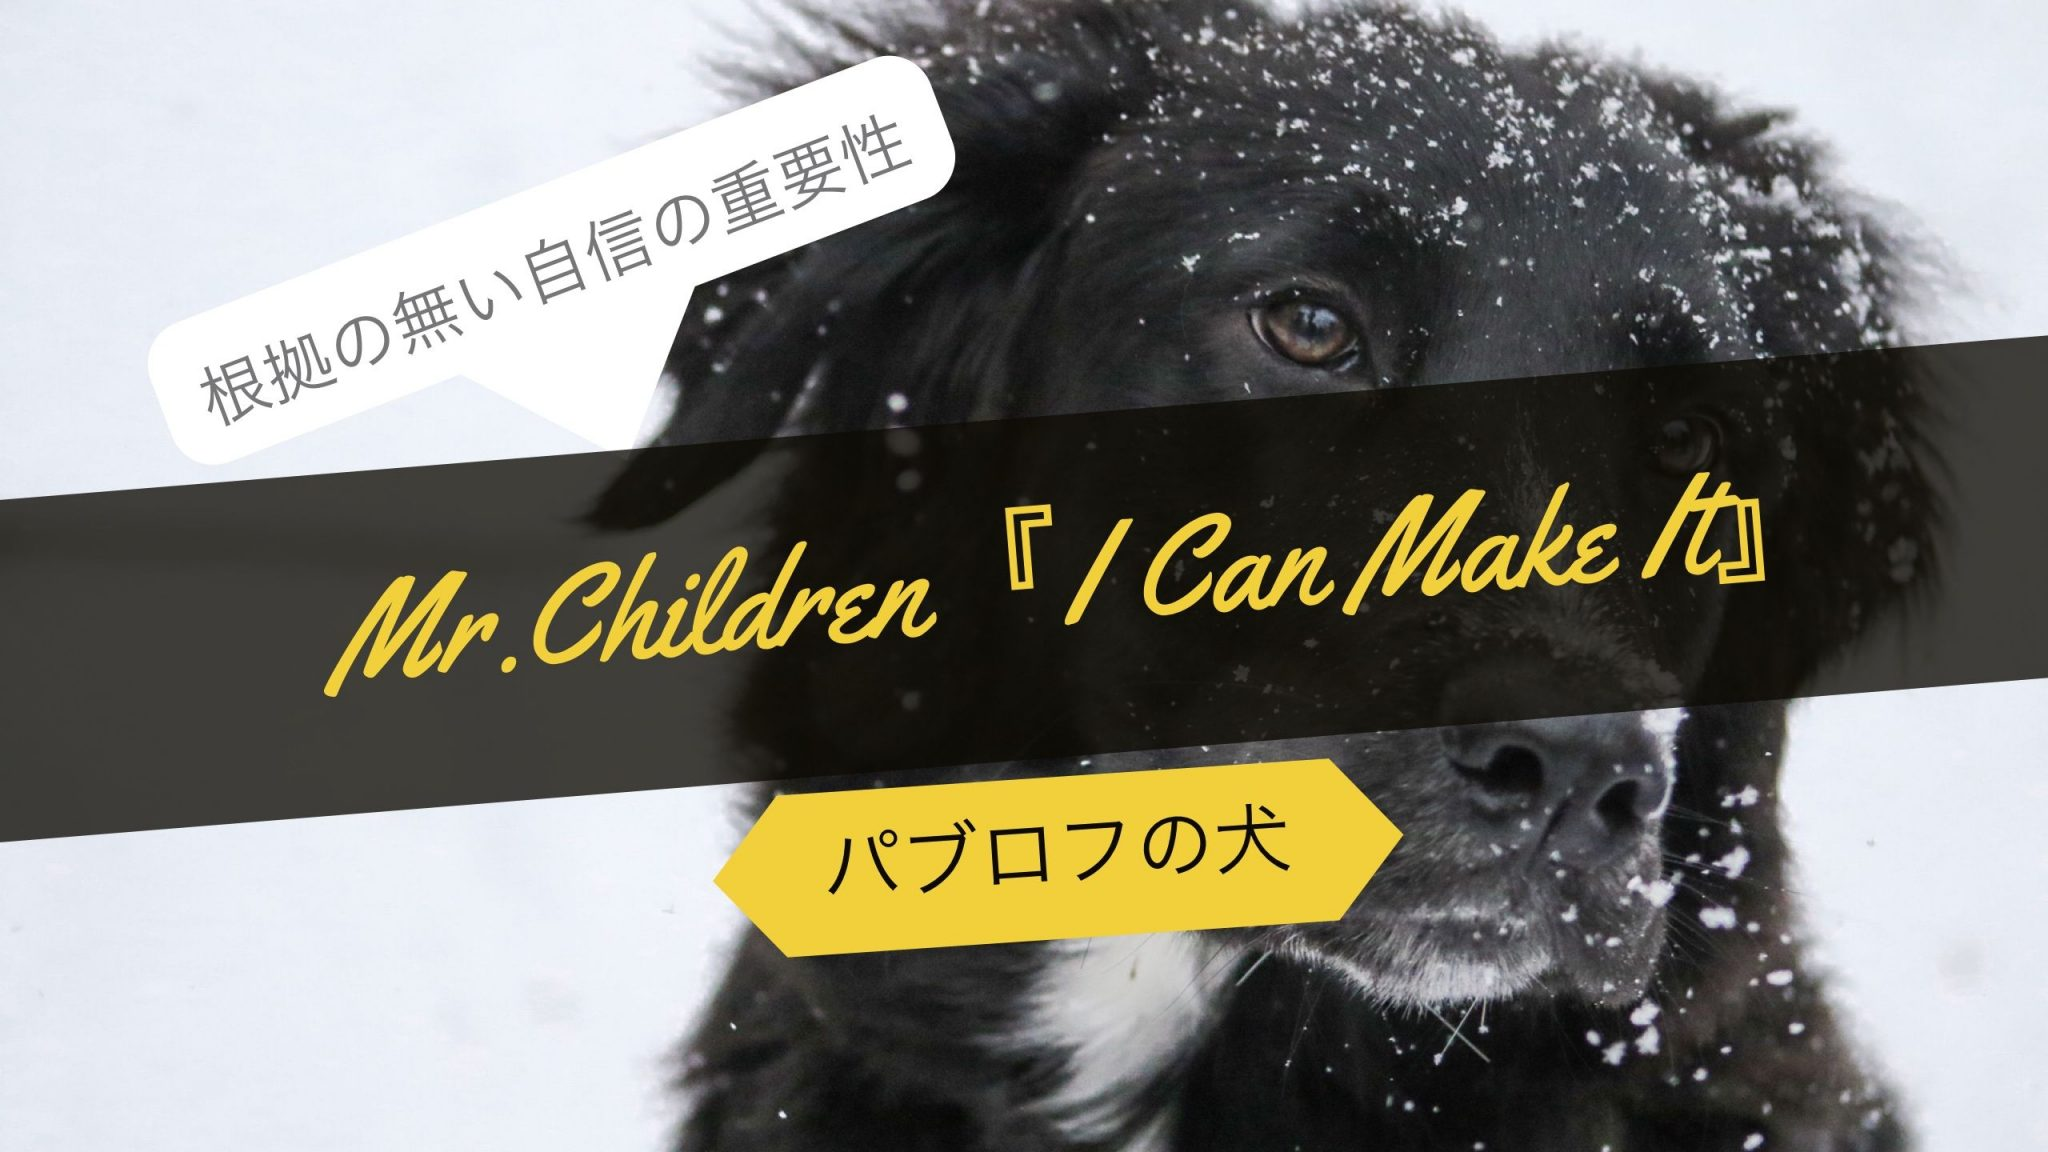 パブロフの犬とミスチル『I Can Make It』―根拠のない自信を持つ重要性